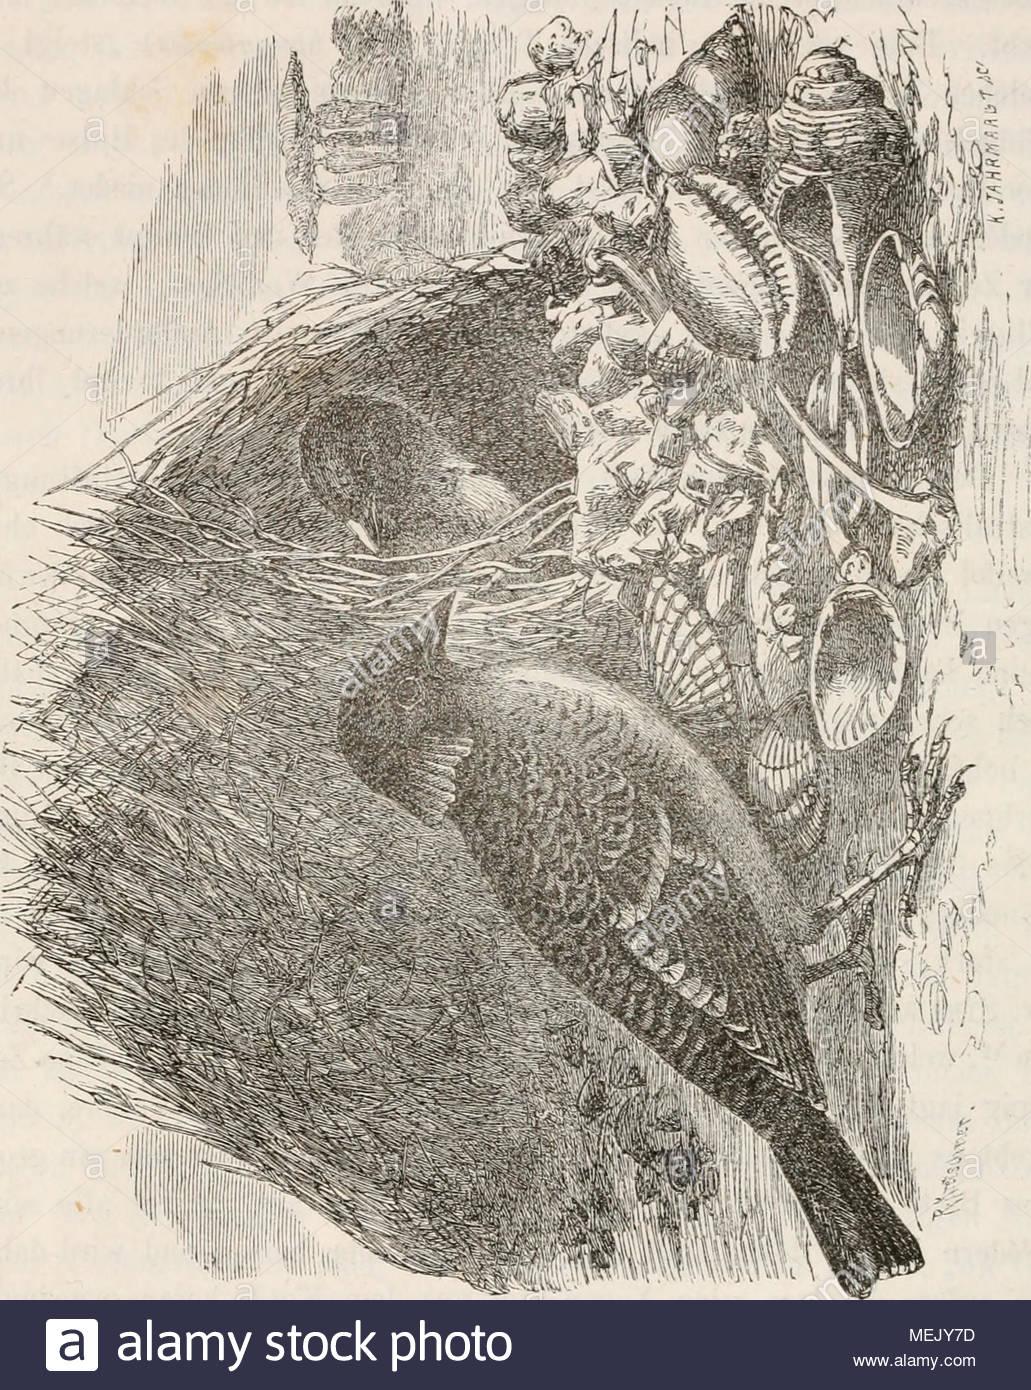 abstammung des menschen und geschlechtliche zuchtwahl fig 16 kragenvogel cmamydcra macxilafa mit seiner laube aus brehm thierleben haushalni irgend etwas von der erde anfzupicken bis zuletzt das weibchen sanften muthes auf dasselbe zugehtquot captain stokes hat lebensweise und spielhiluserquot einer andern art nmlich des grossen laubenvogels beschrieben hier sah er wie derselbe vor und rckwrts flog eine muschelschale abwechselnd von der einen dann von der andern seite aufnahm und selbe in seinem schnabel haltend in pforte eintratqu MEJY7D